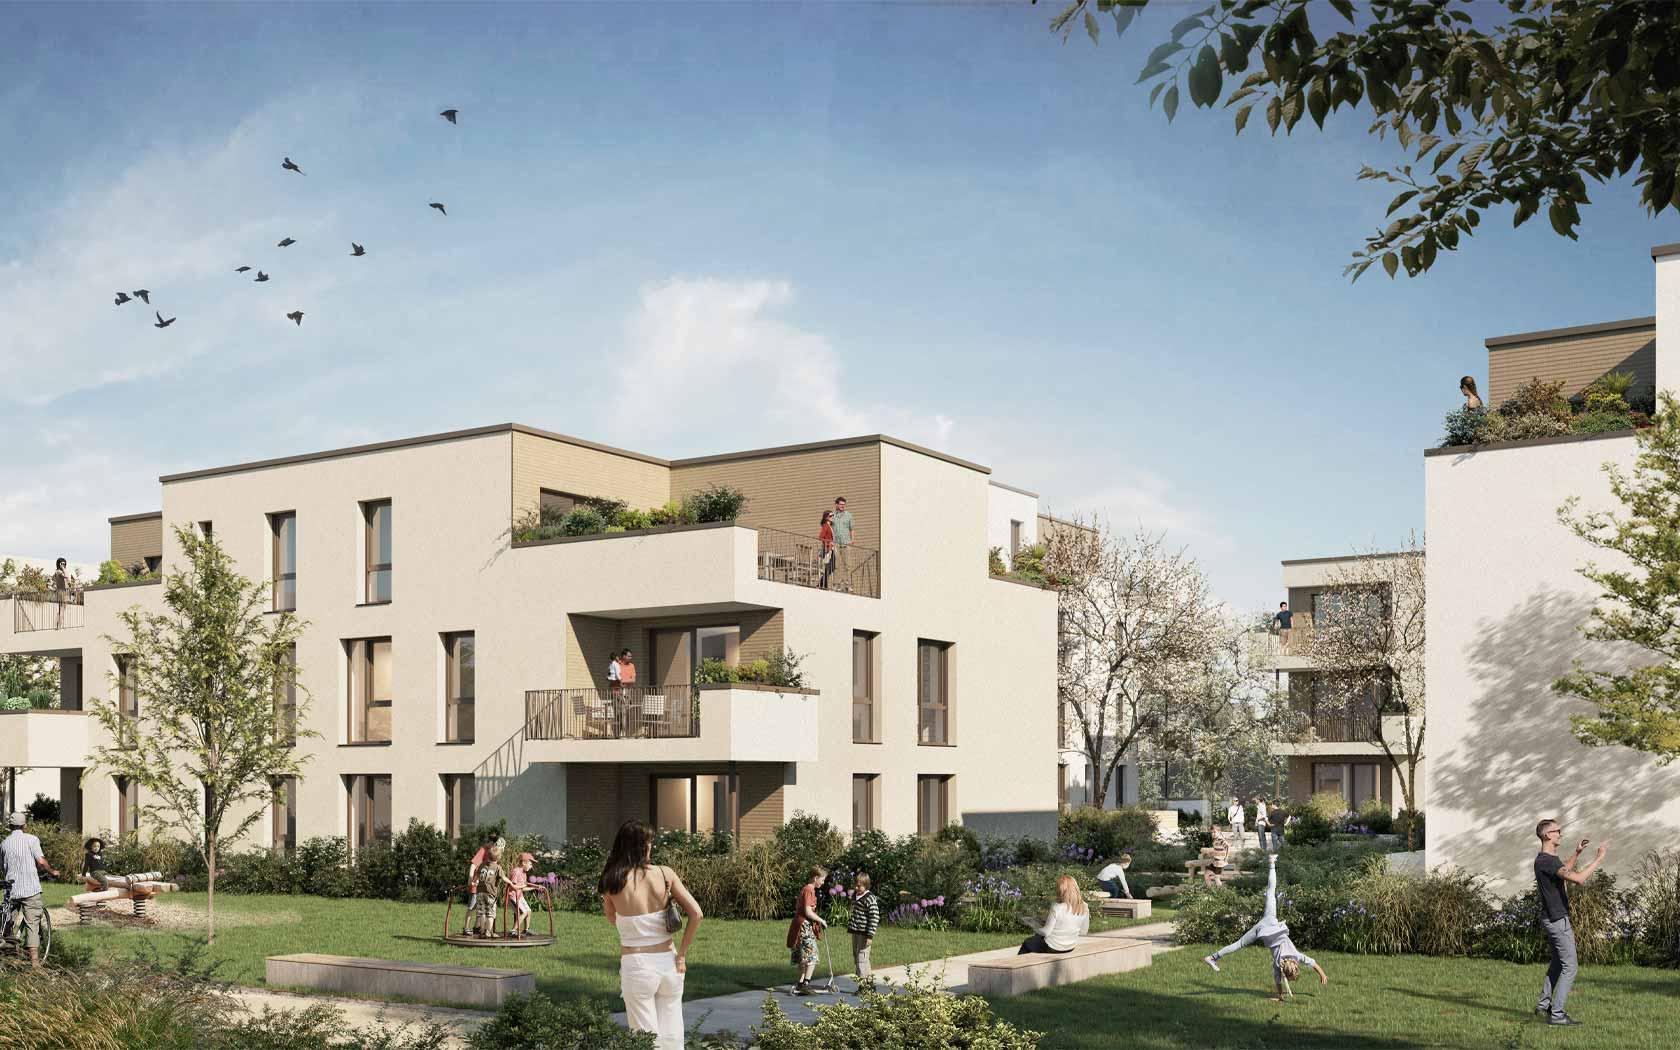 Pfleiderer Projektbau: Objekt WOHNEN IM GRÜN, Weinstadt-Endersbach